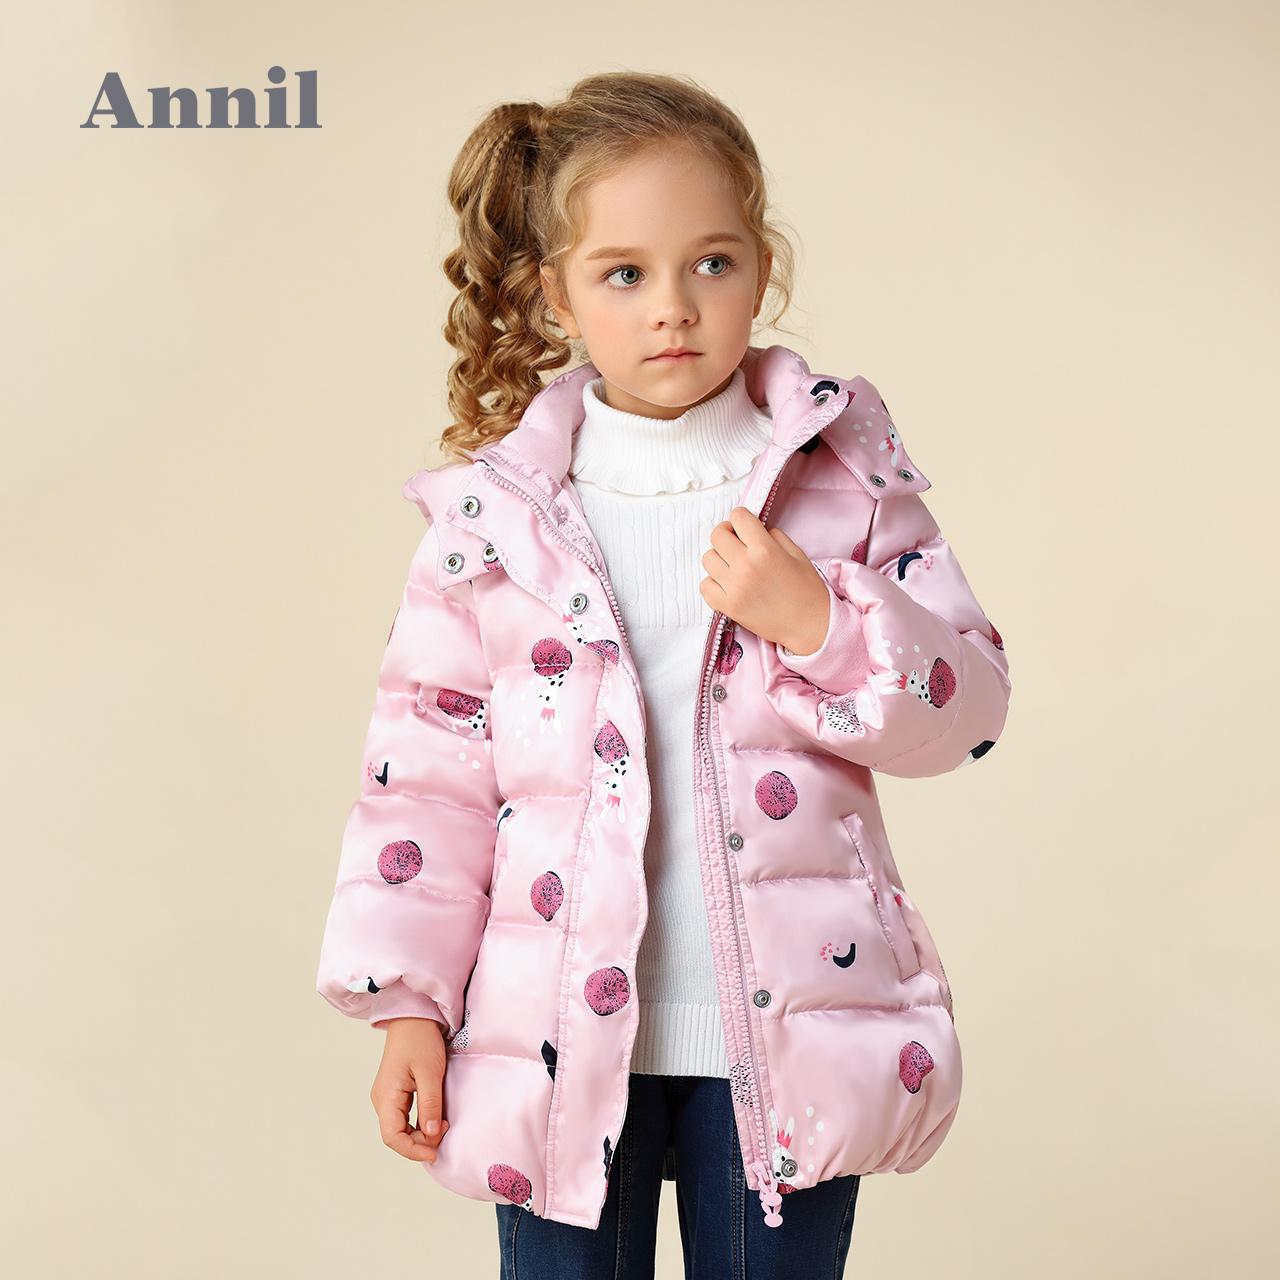 安奈儿童装女童羽绒服中长款冬装2018新款中大童洋气外套带帽加厚